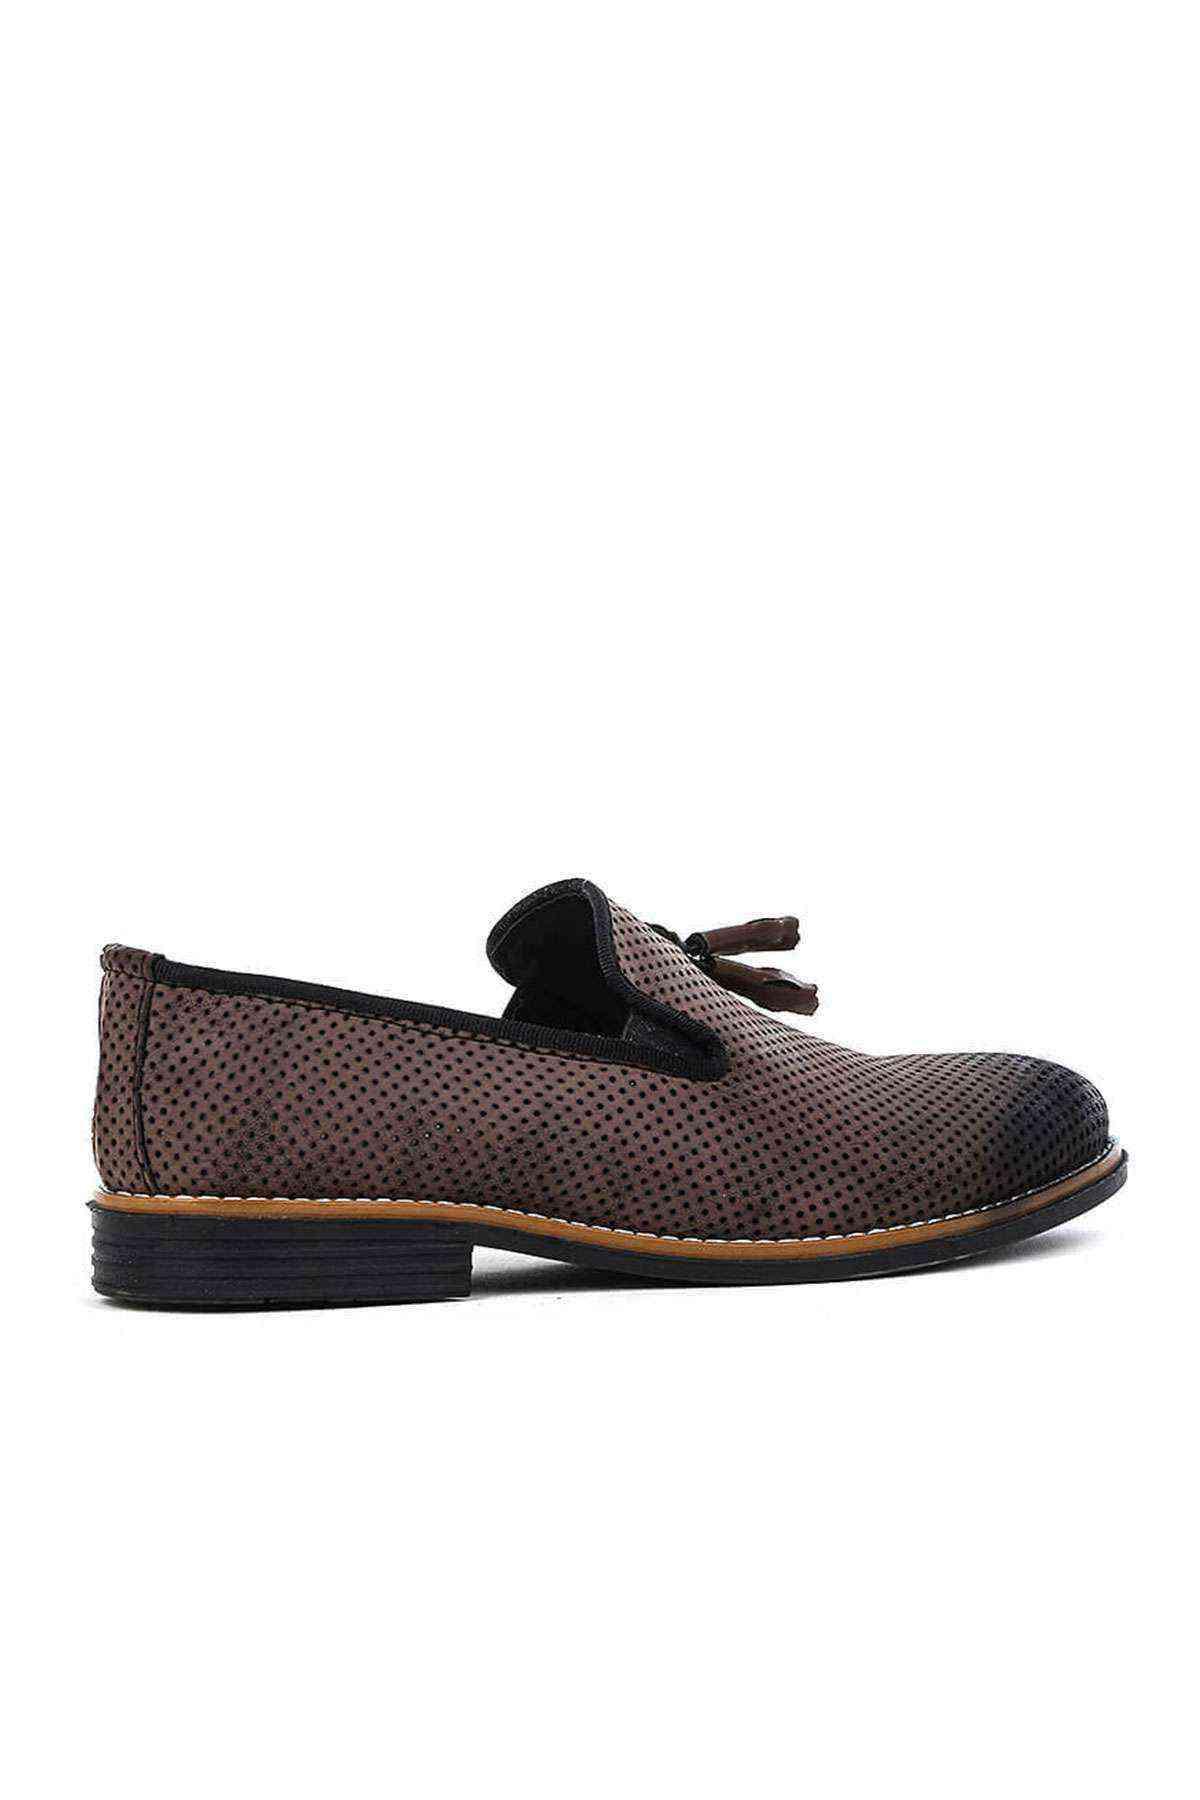 Erkek Casual Ayakkabı - BF 02 Kahve